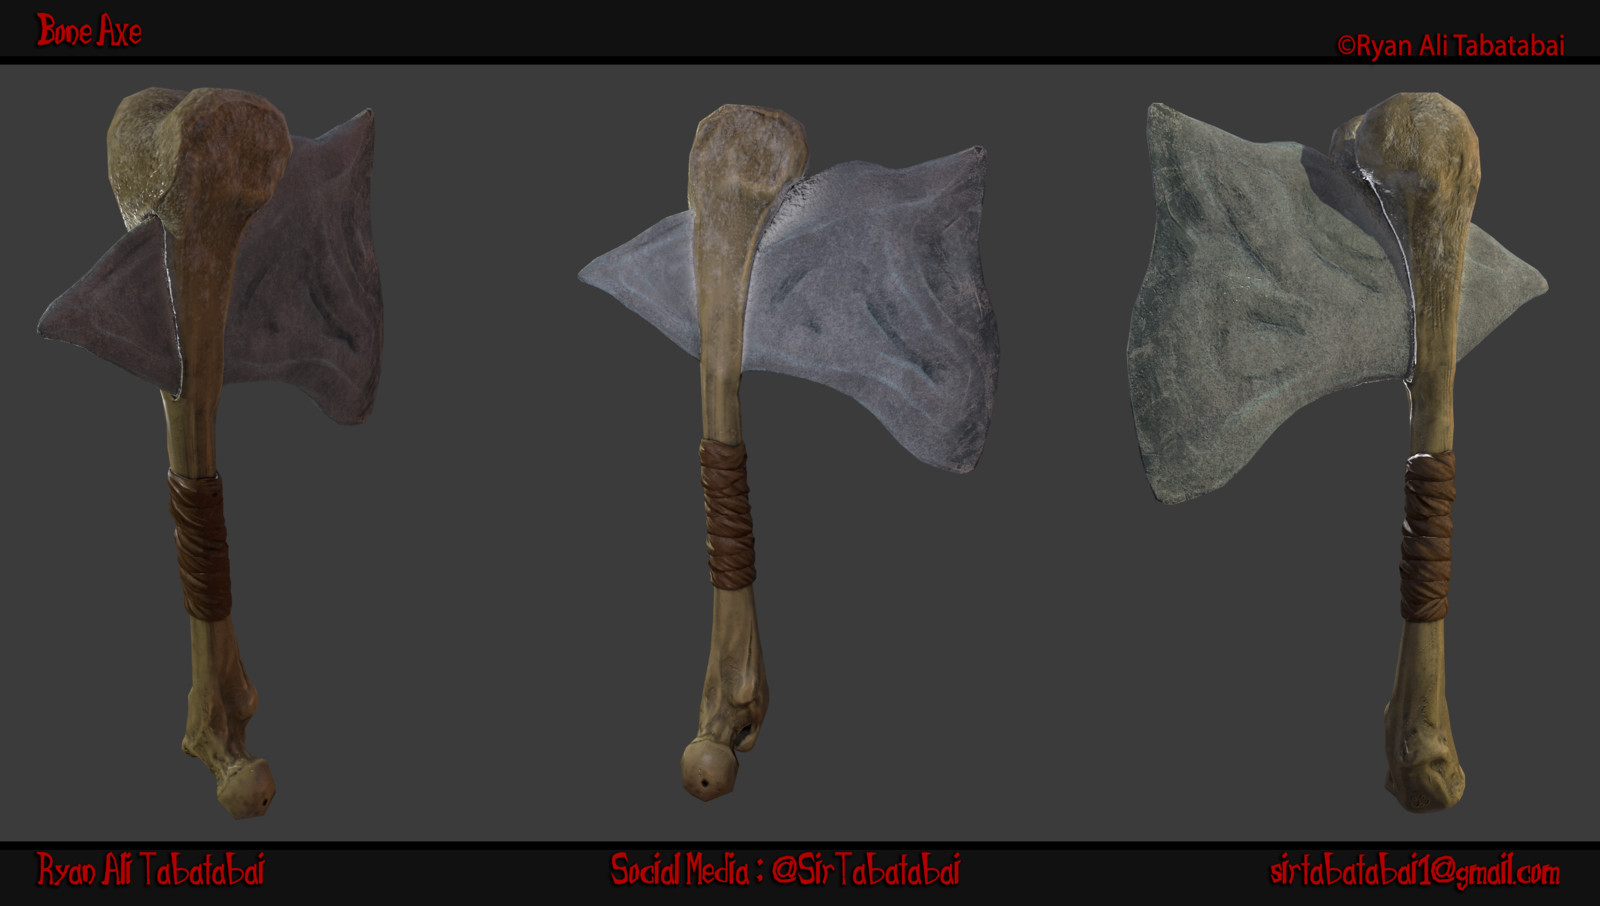 Bone Axe